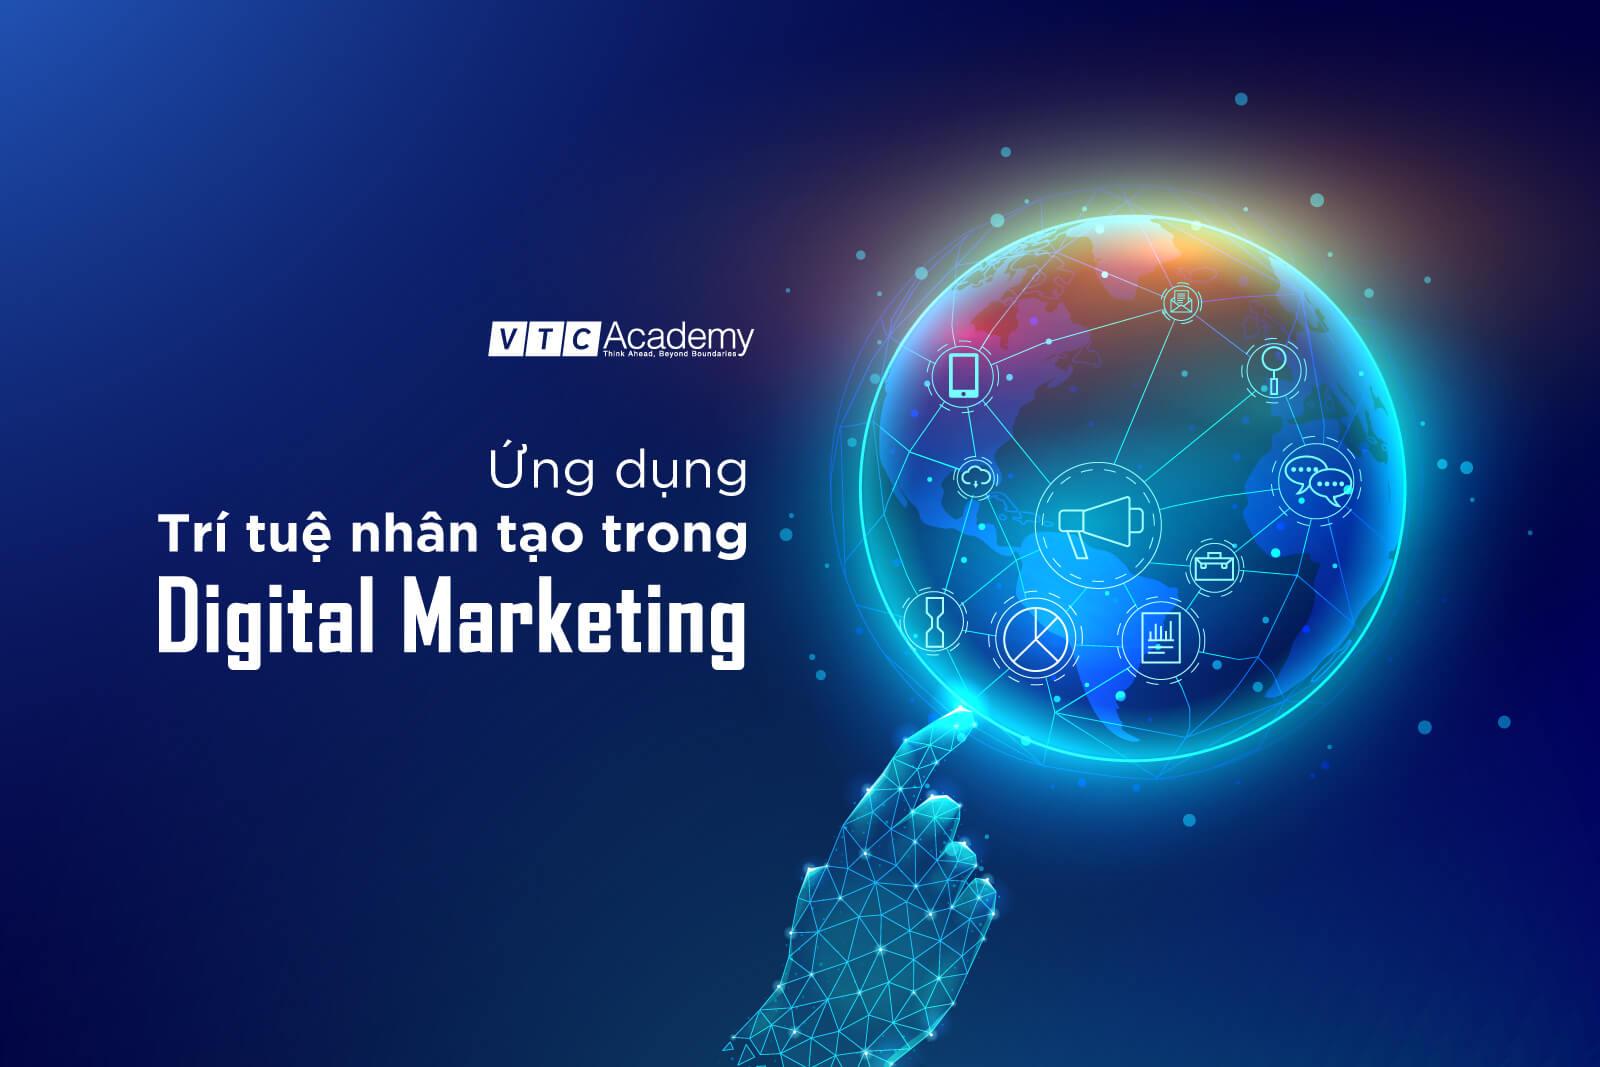 Một số ứng dụng điển hình của Trí tuệ nhân tạo trong Digital Marketing